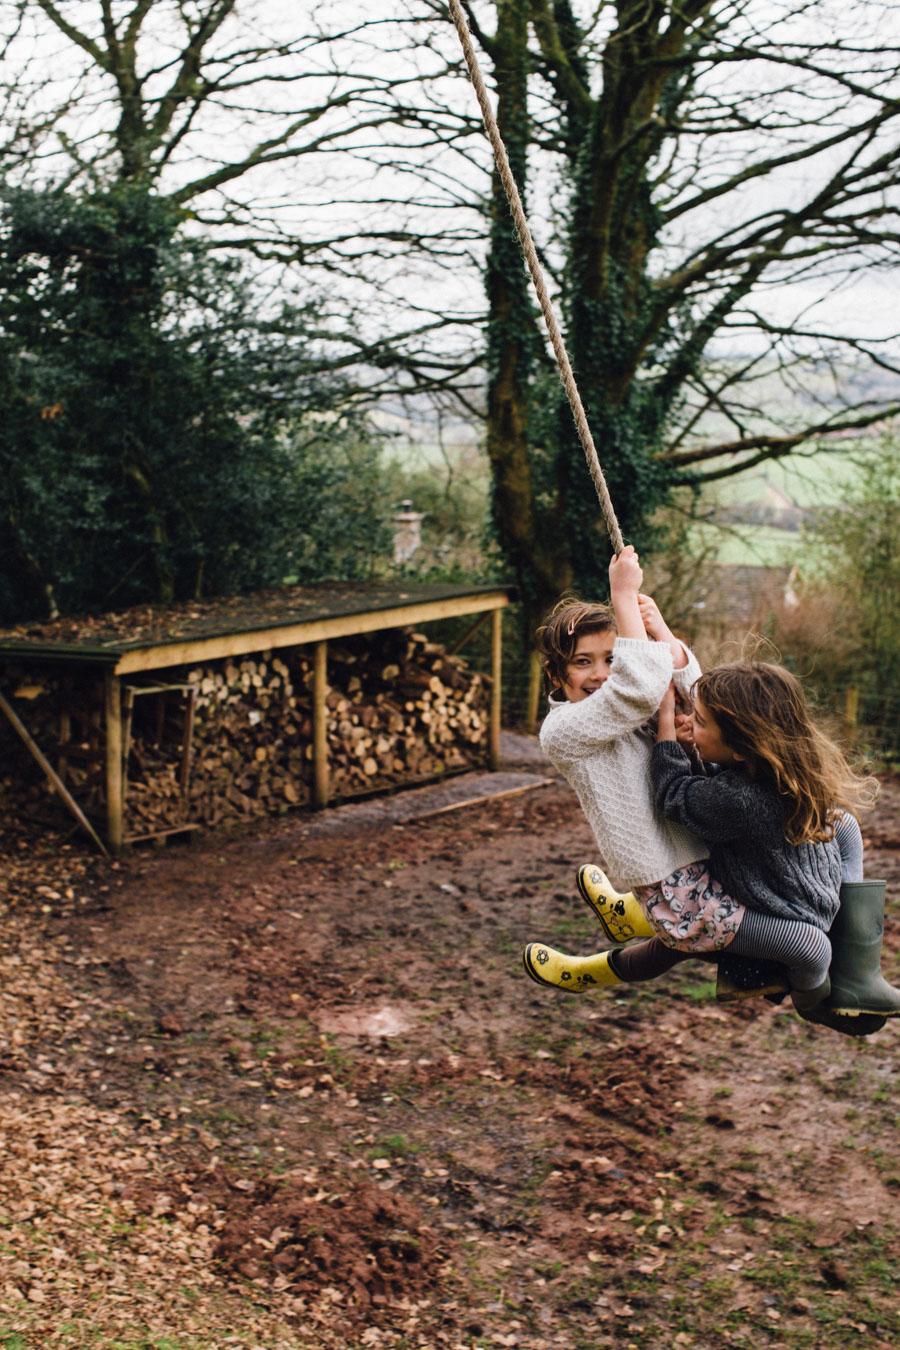 Garden rope swing